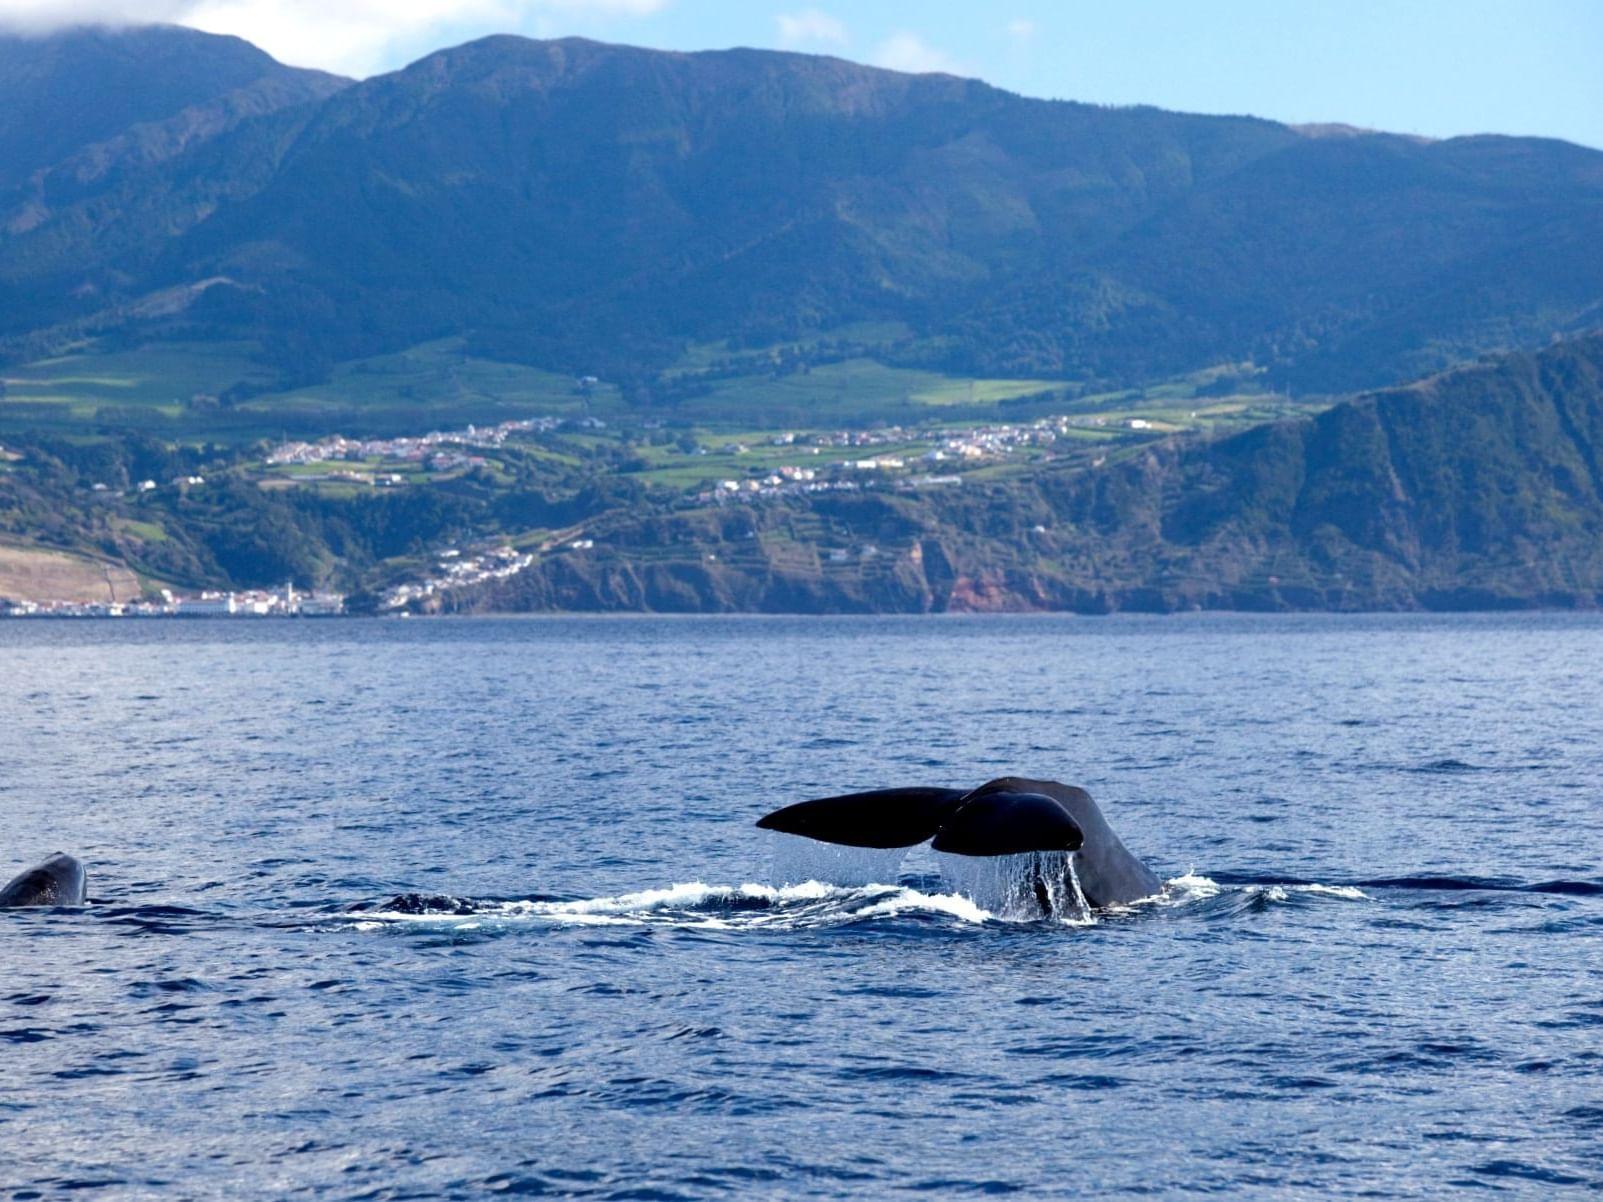 Obervação de Baleias